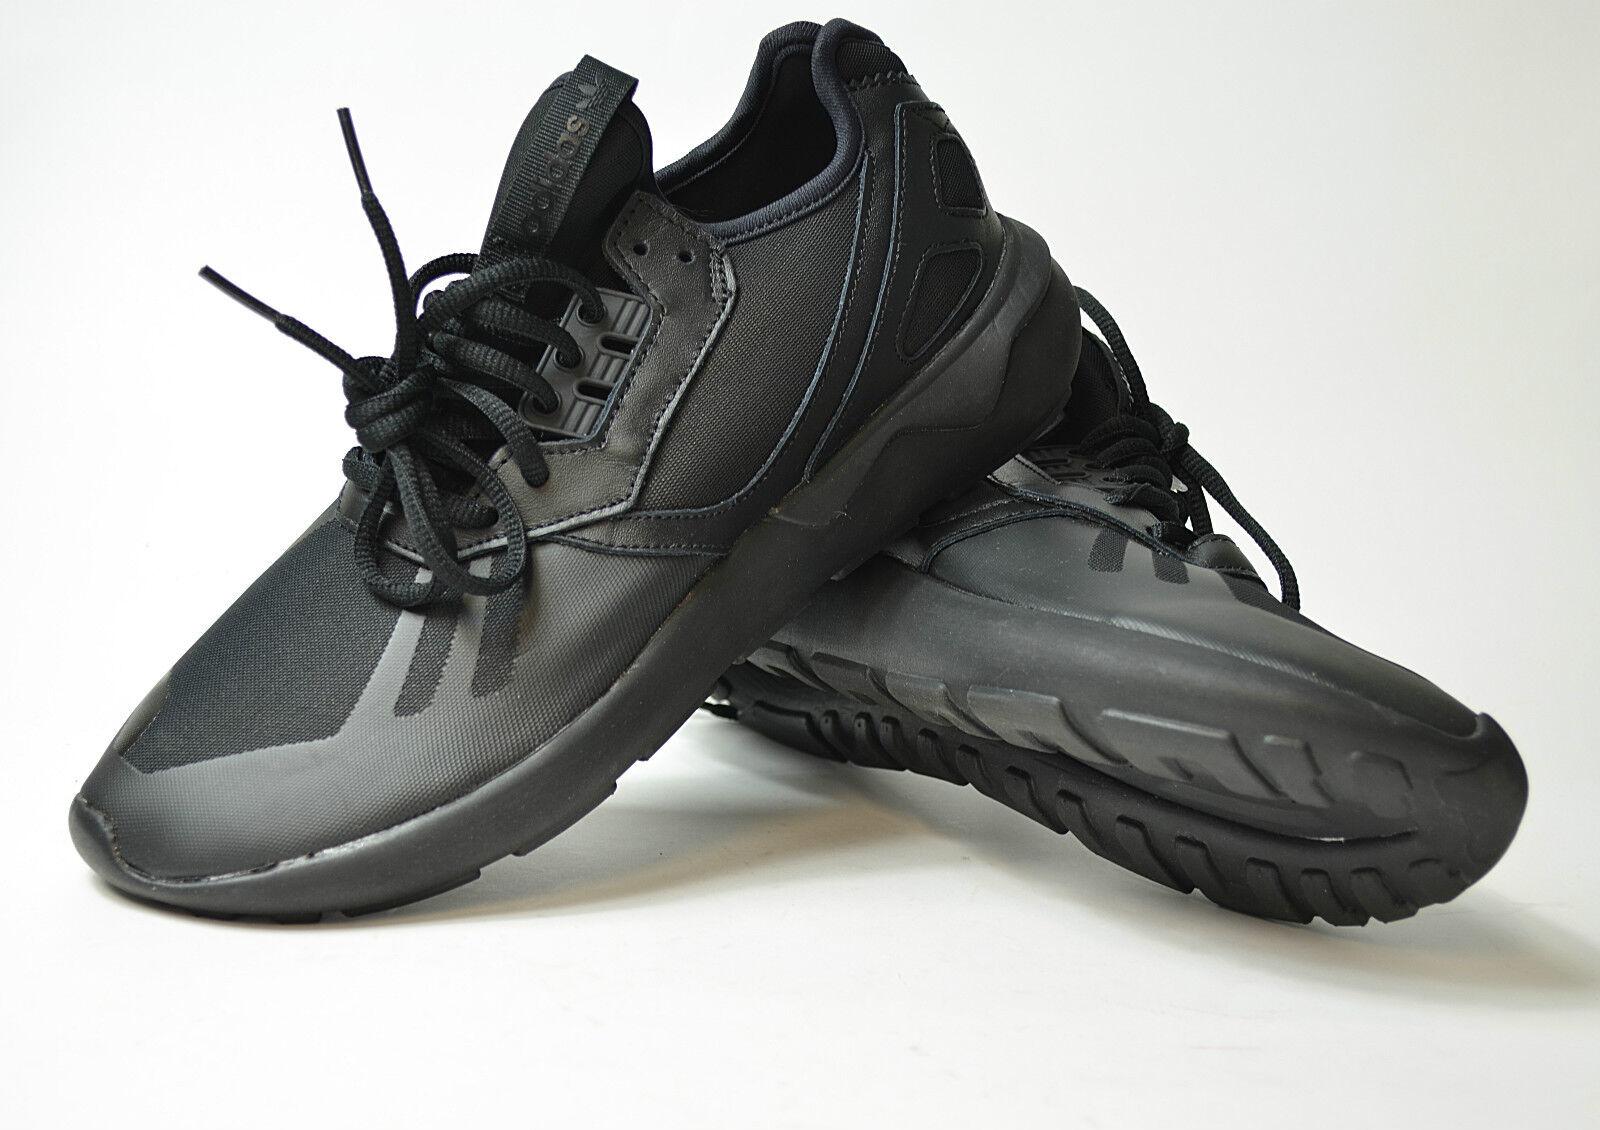 ADIDAS Tubular Runner B25089 Scarpe da Damen Ginnastica Gr. 40 2/3 Damen da Schuhe (R5) NEU 51f88c